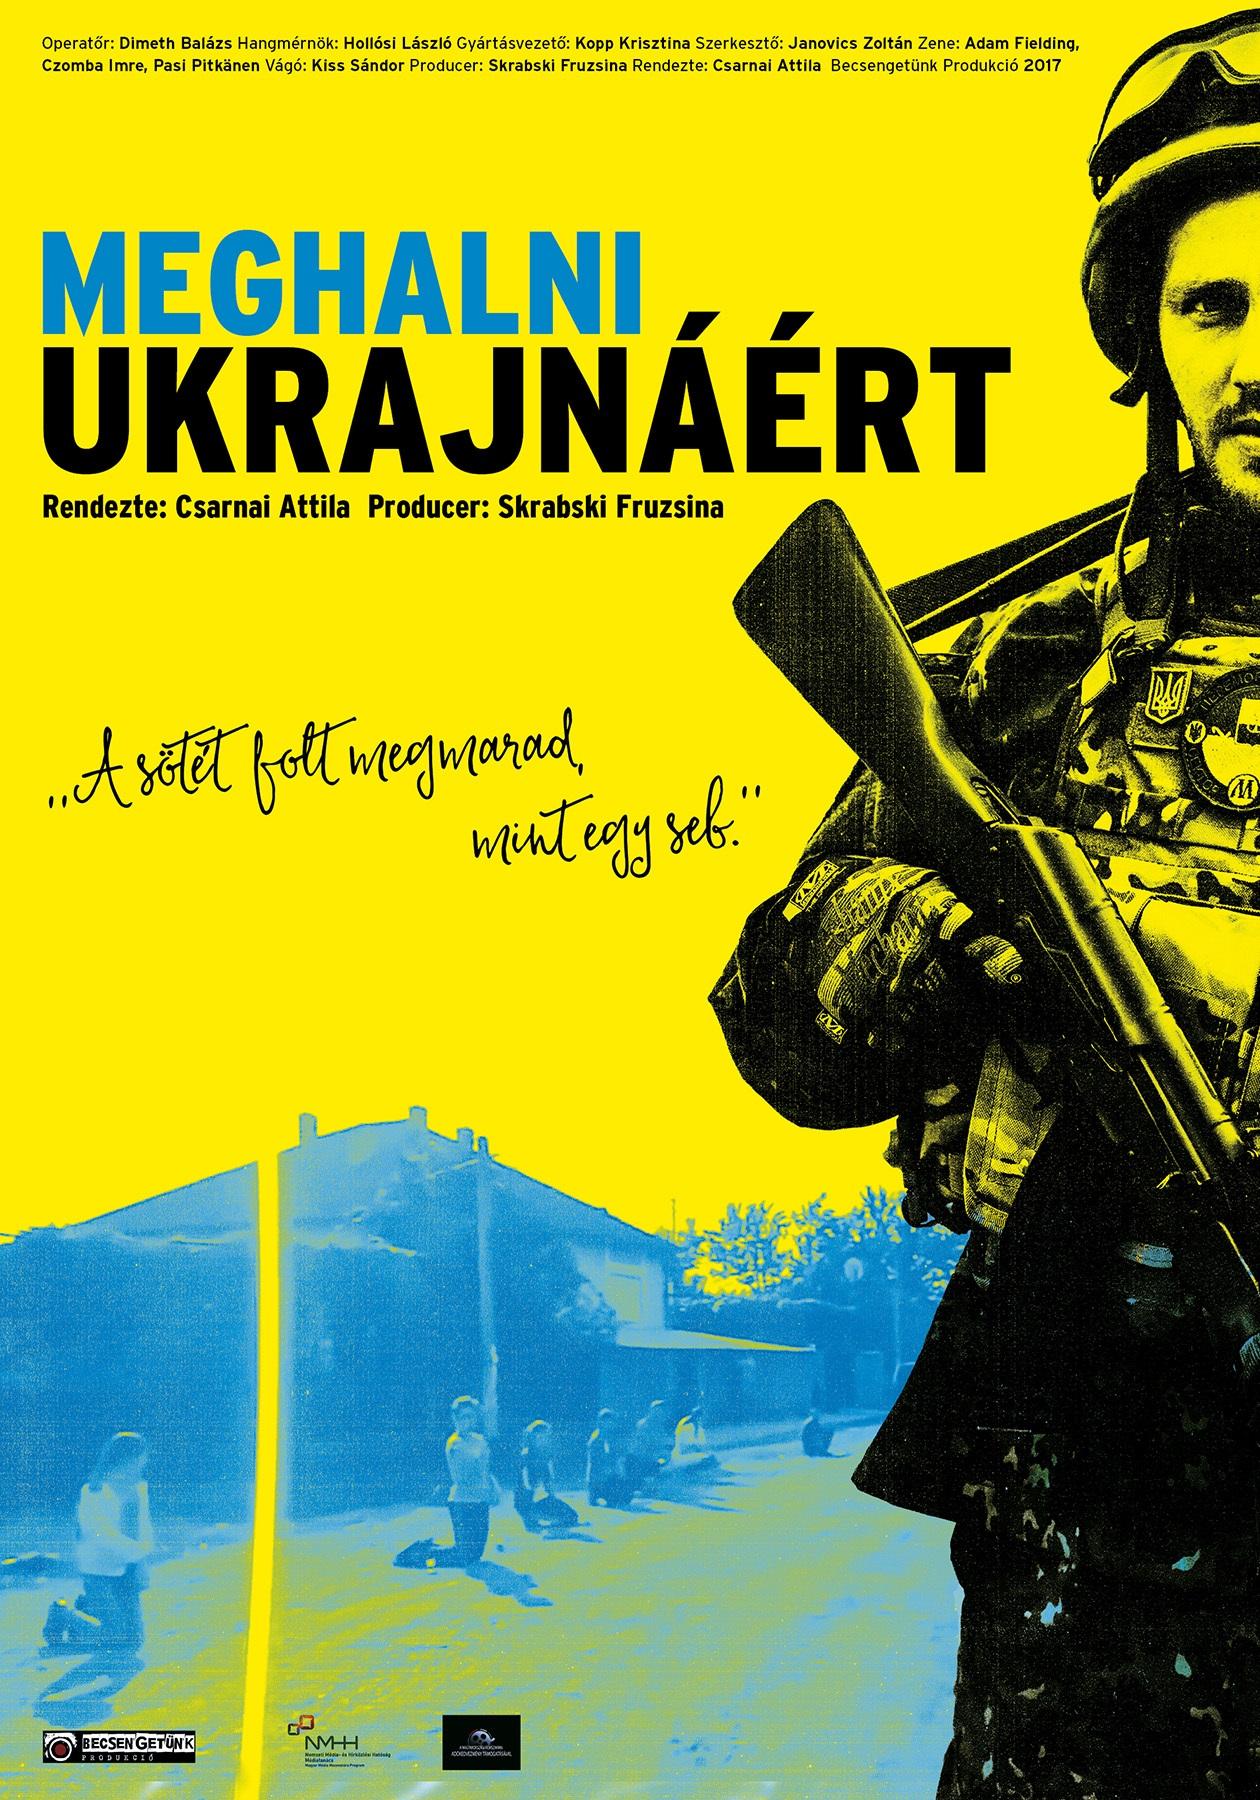 Georgia államban fesztiválozik a Meghalni Ukrajnáért című film